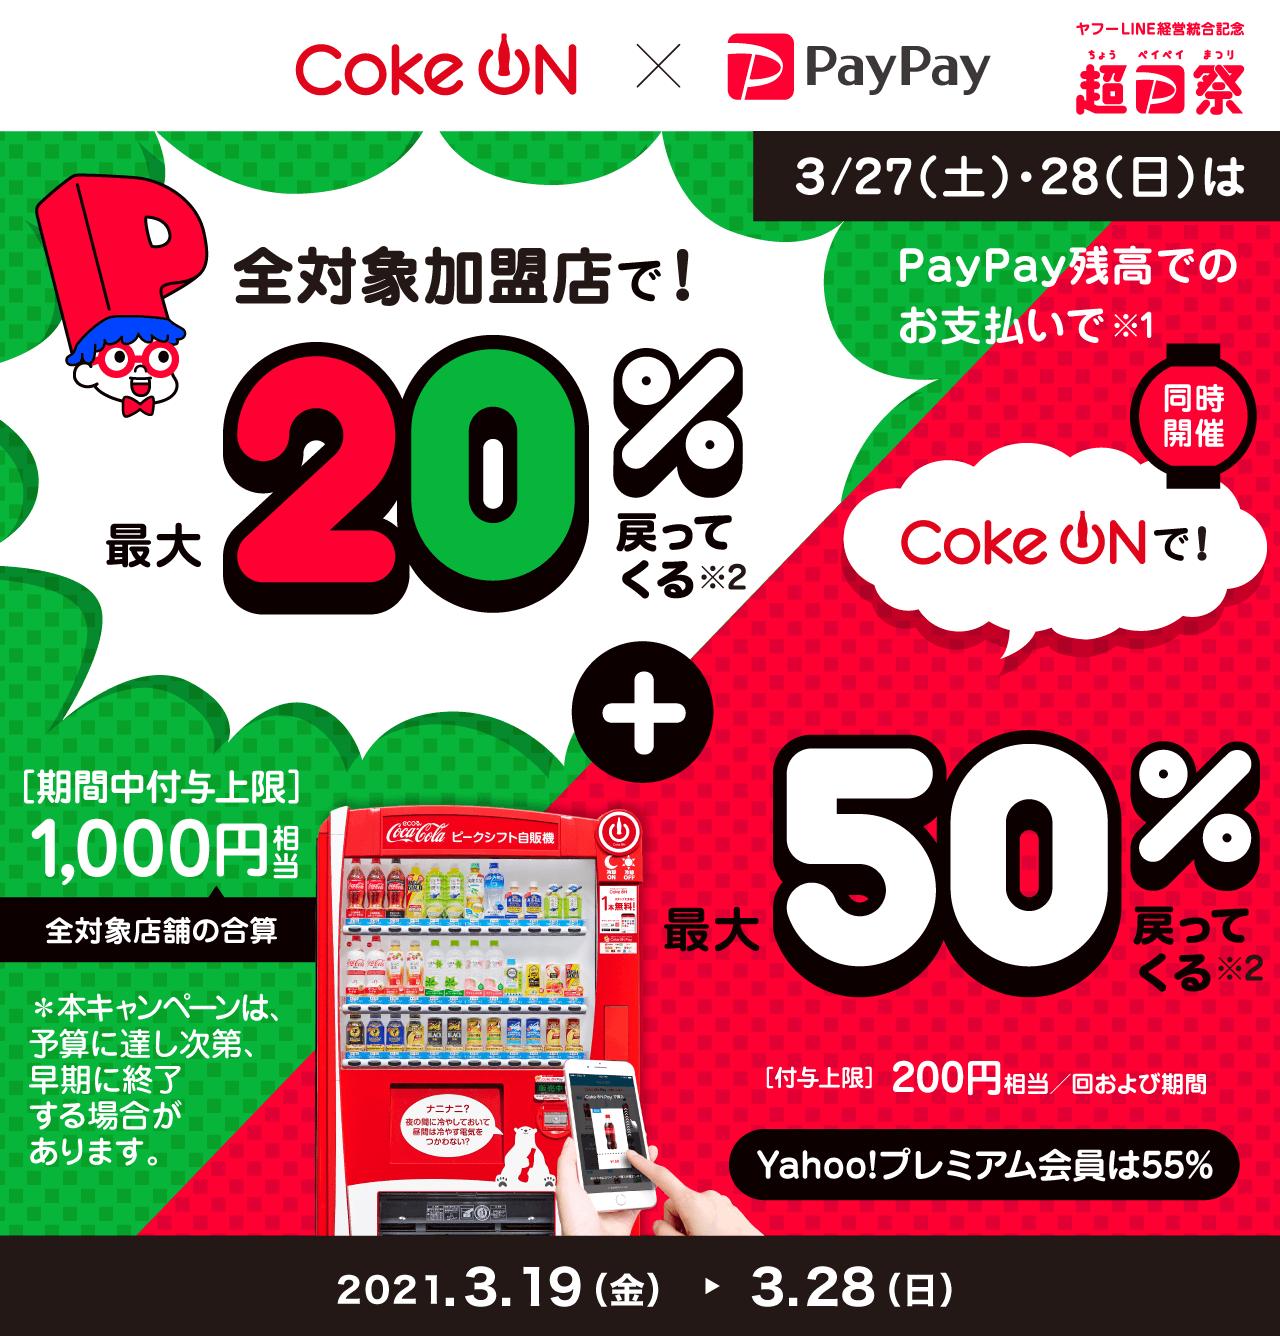 3/27(土)・28(日)は全対象加盟店で!最大20%戻ってくる + Coke ONで!最大50%戻ってくる